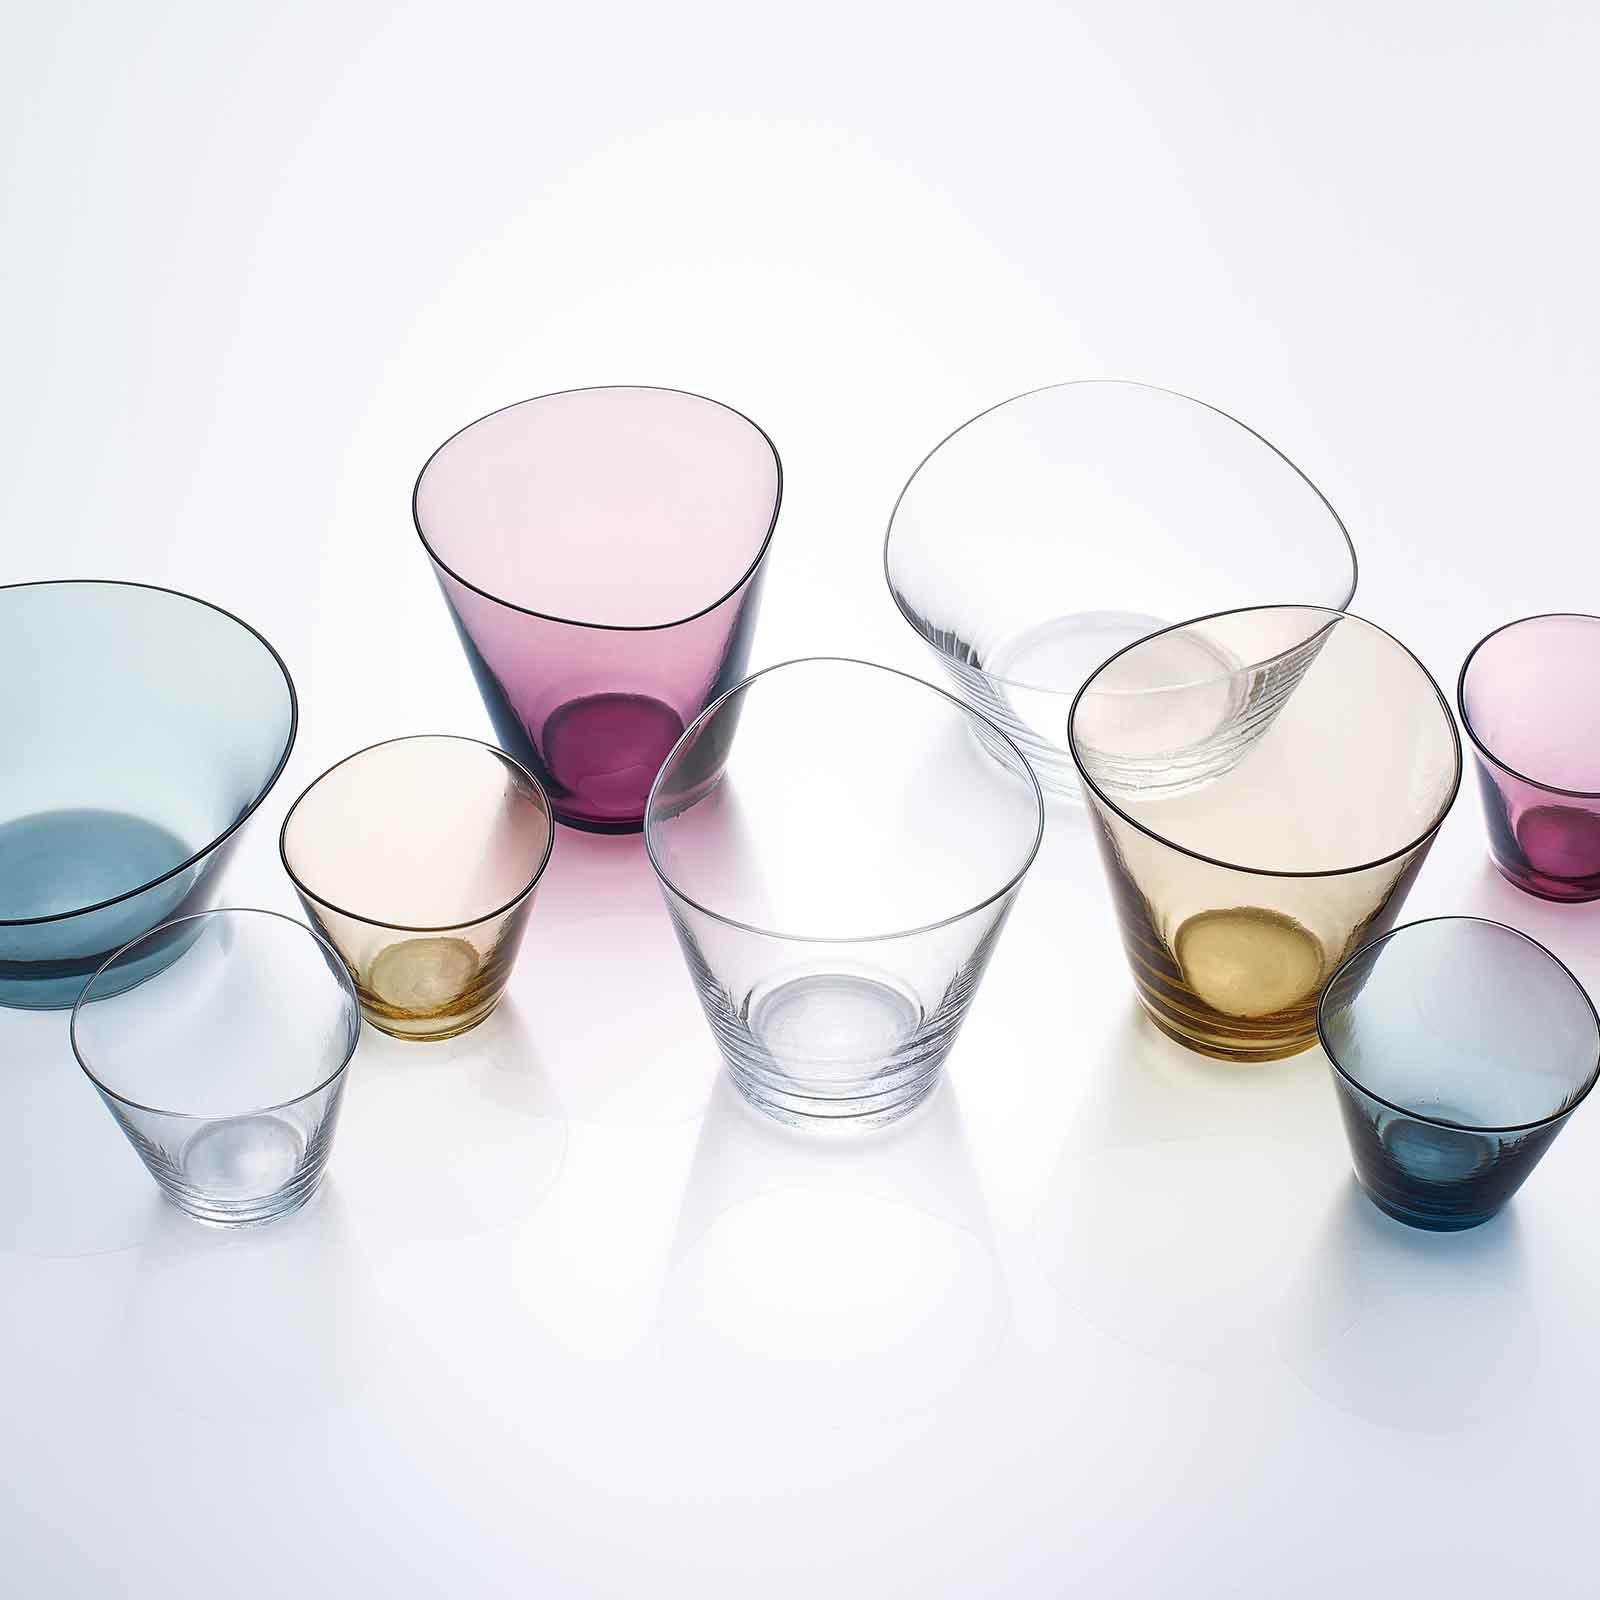 差異:グラス